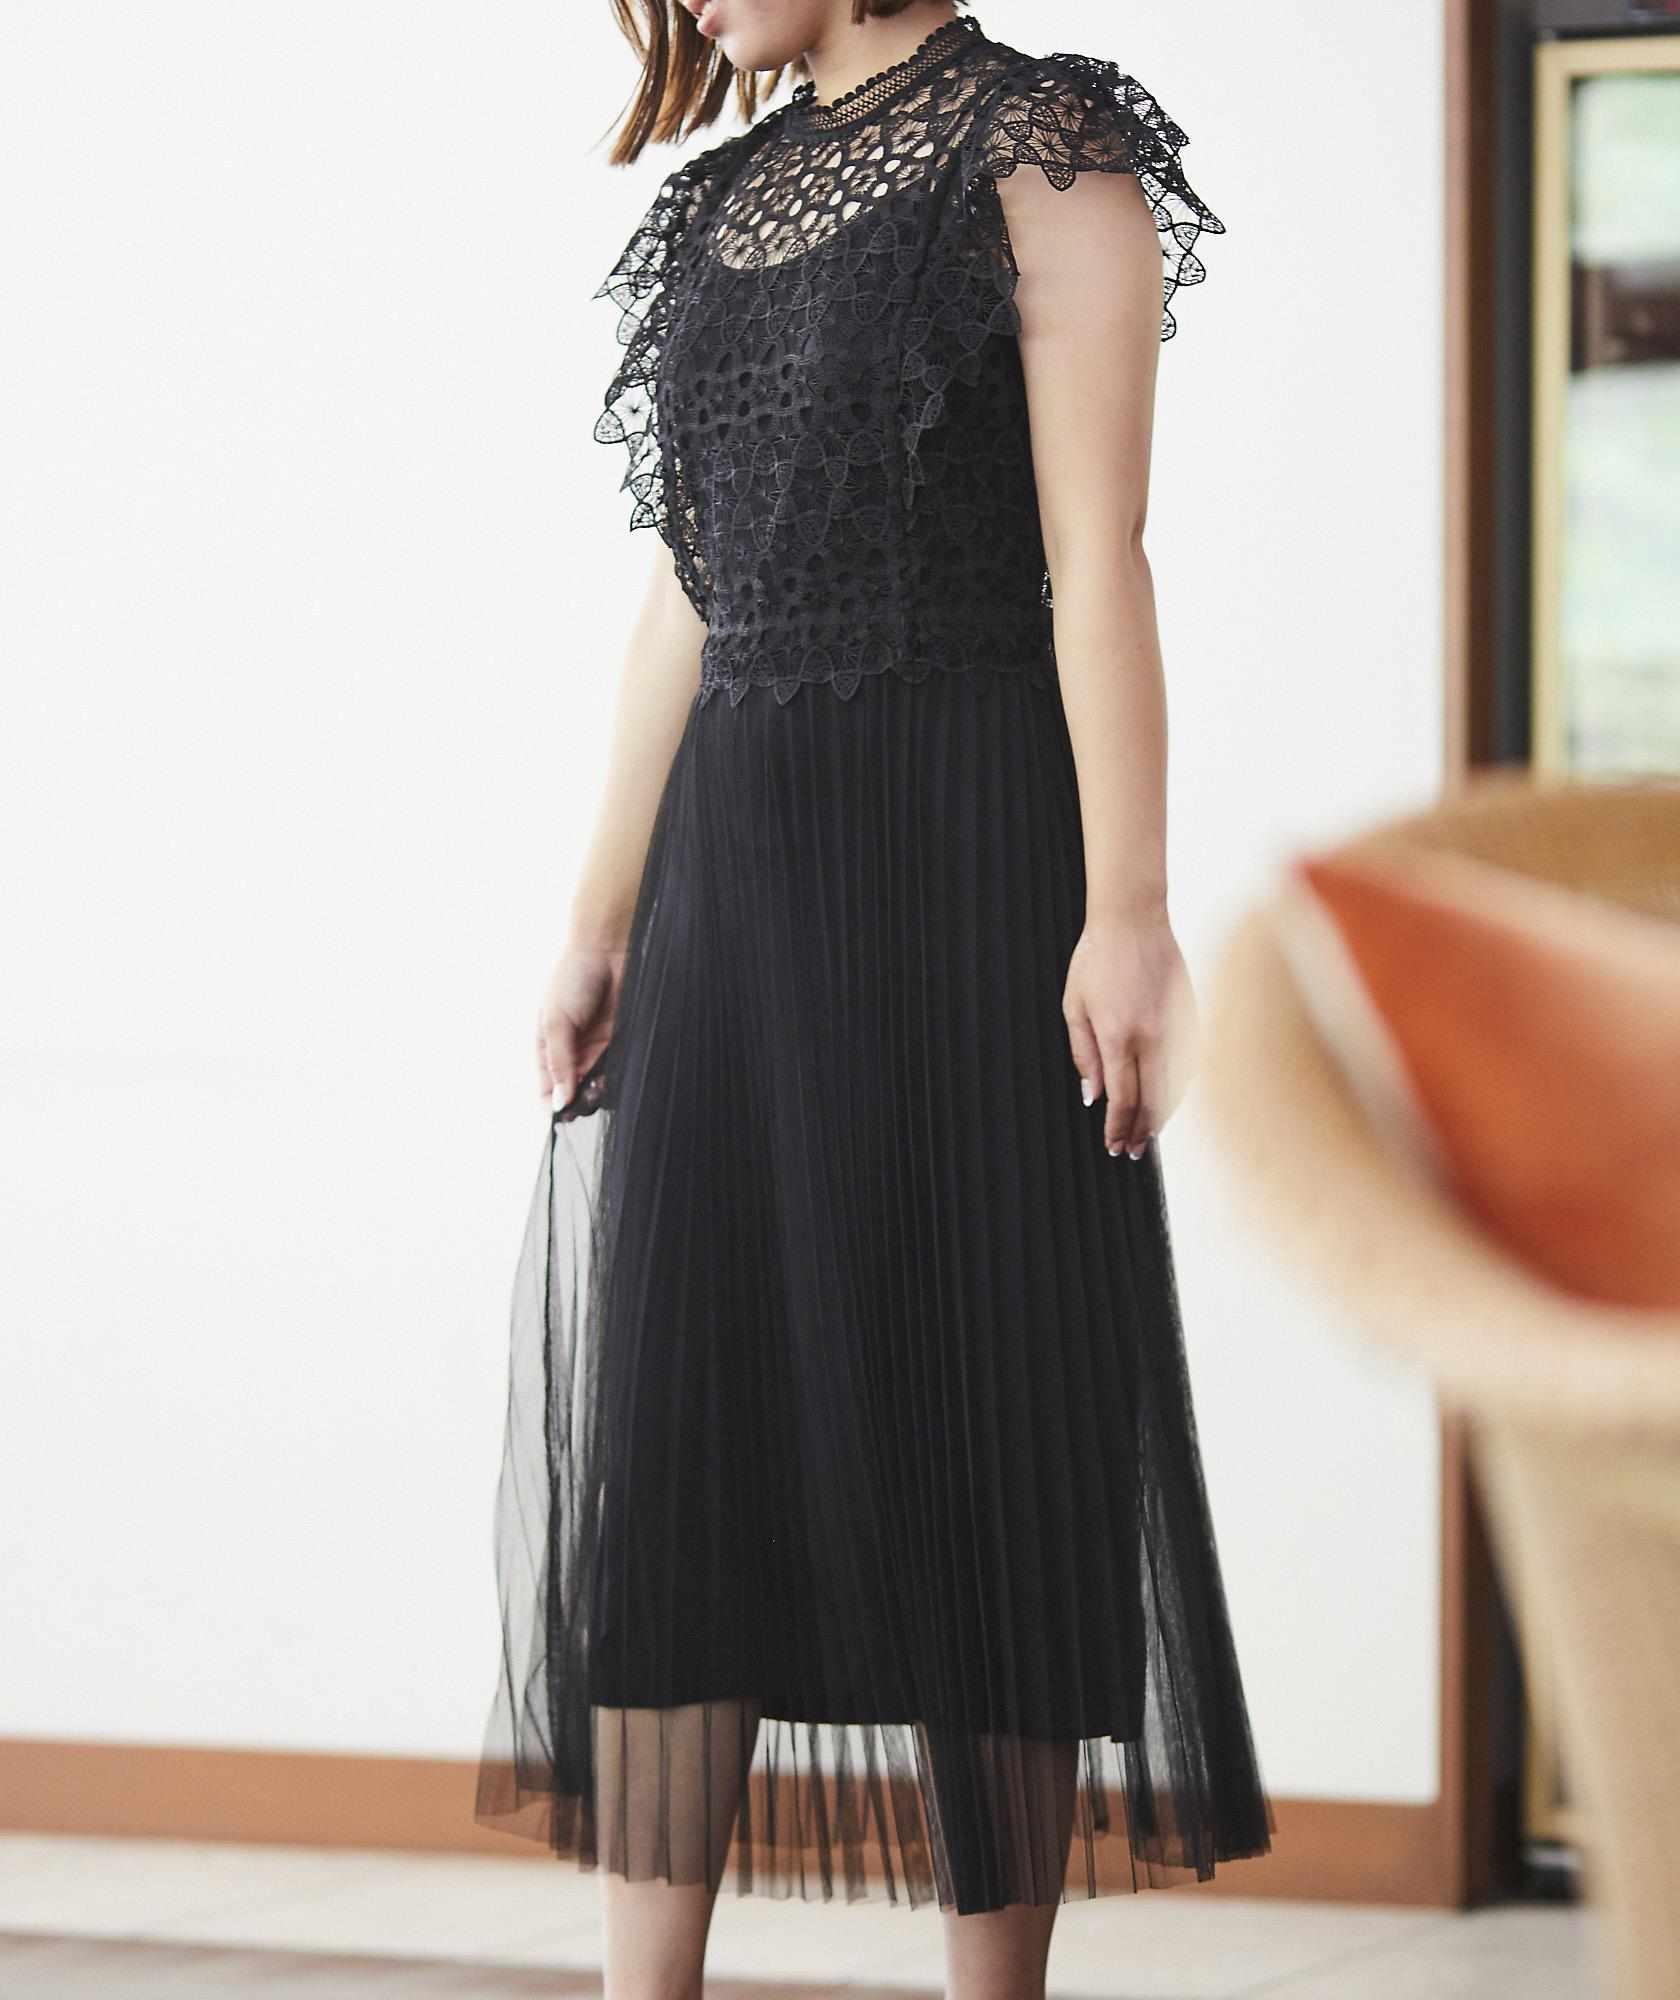 レーストップチュールミディアムドレス-ブラック-M